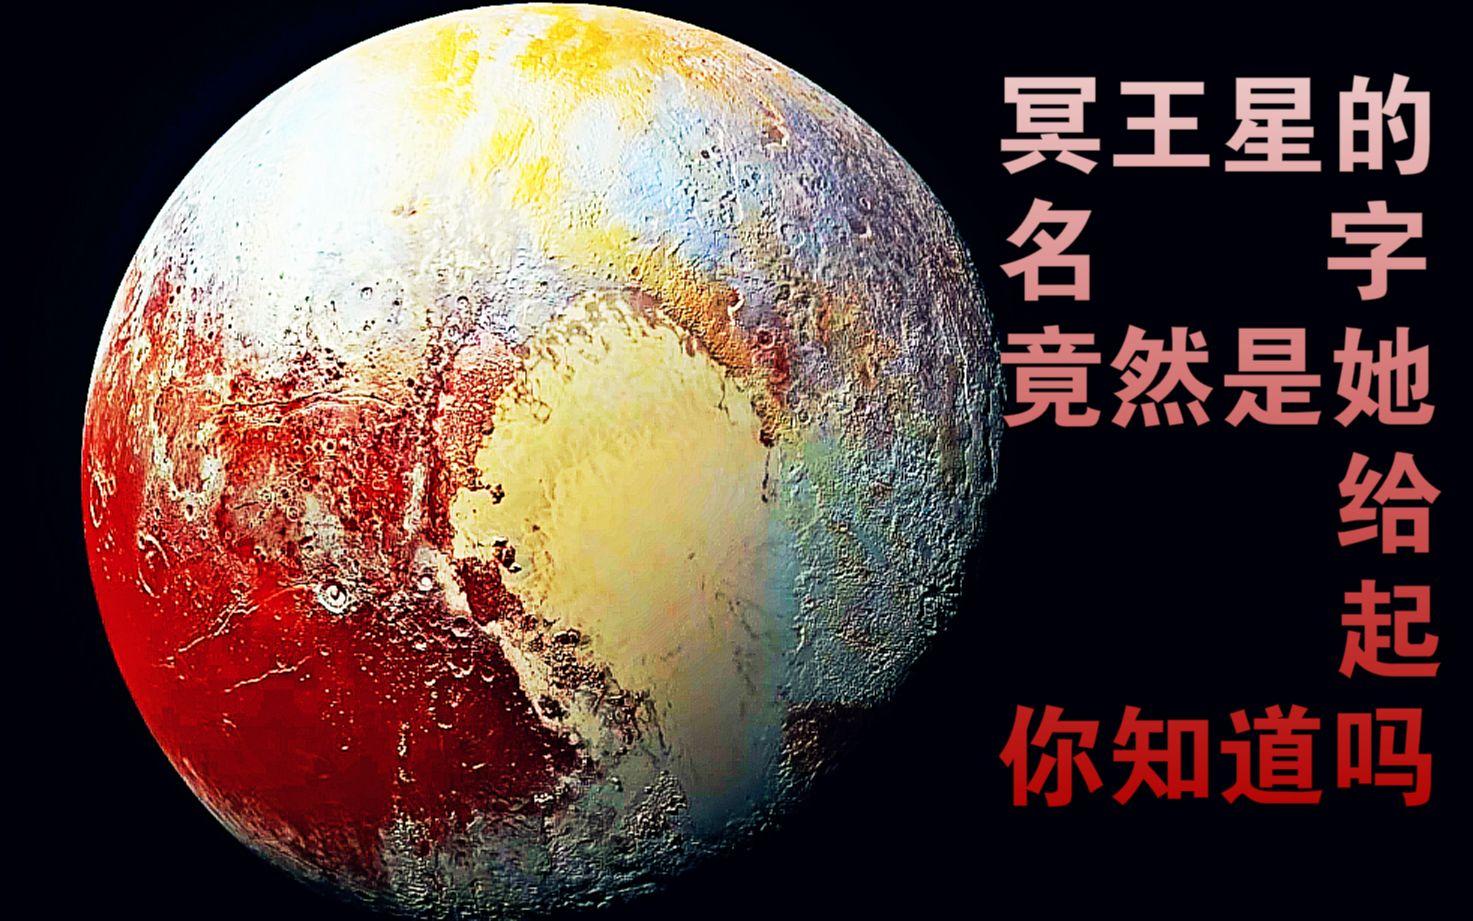 天王星的全部相關視頻_bilibili_嗶哩嗶哩彈幕視頻網